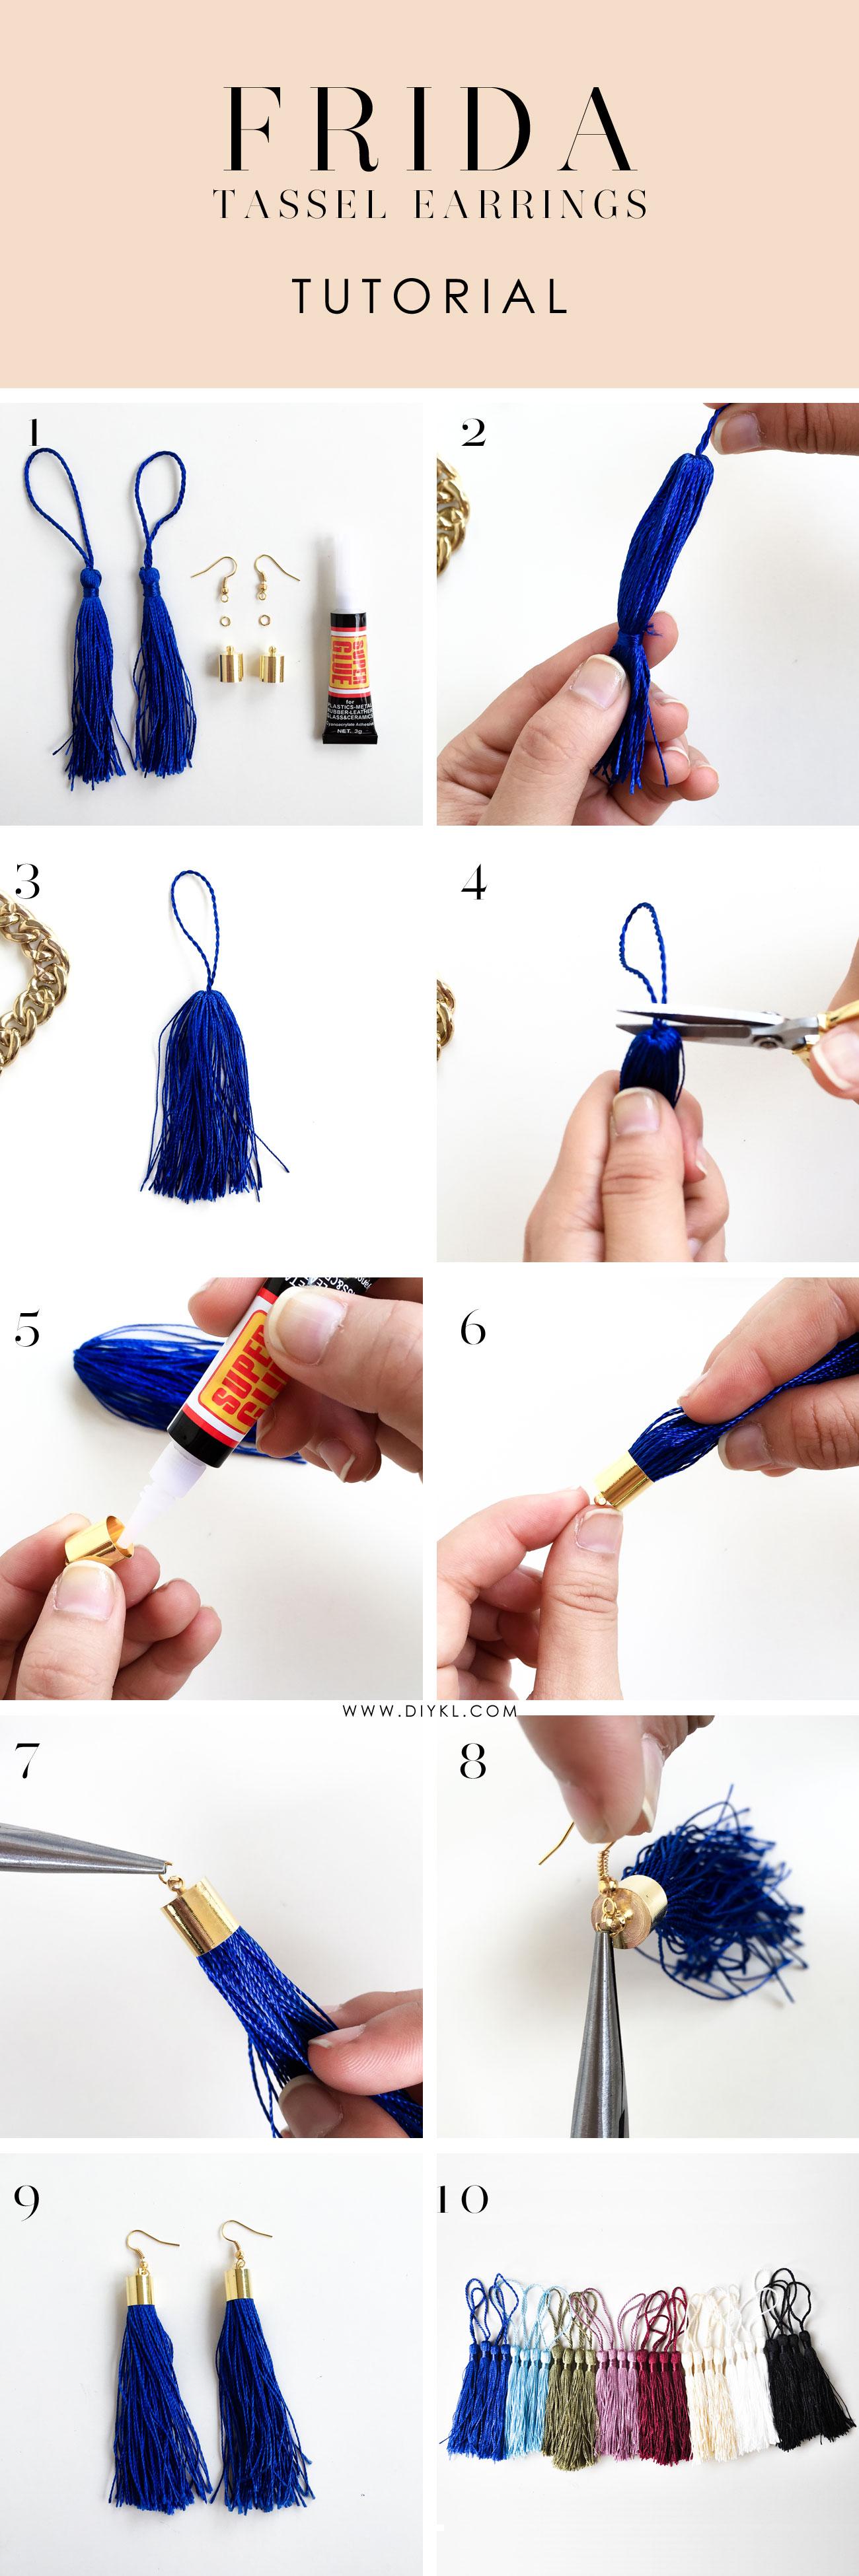 diykl FRIDA Tassel Earrings Tutorial